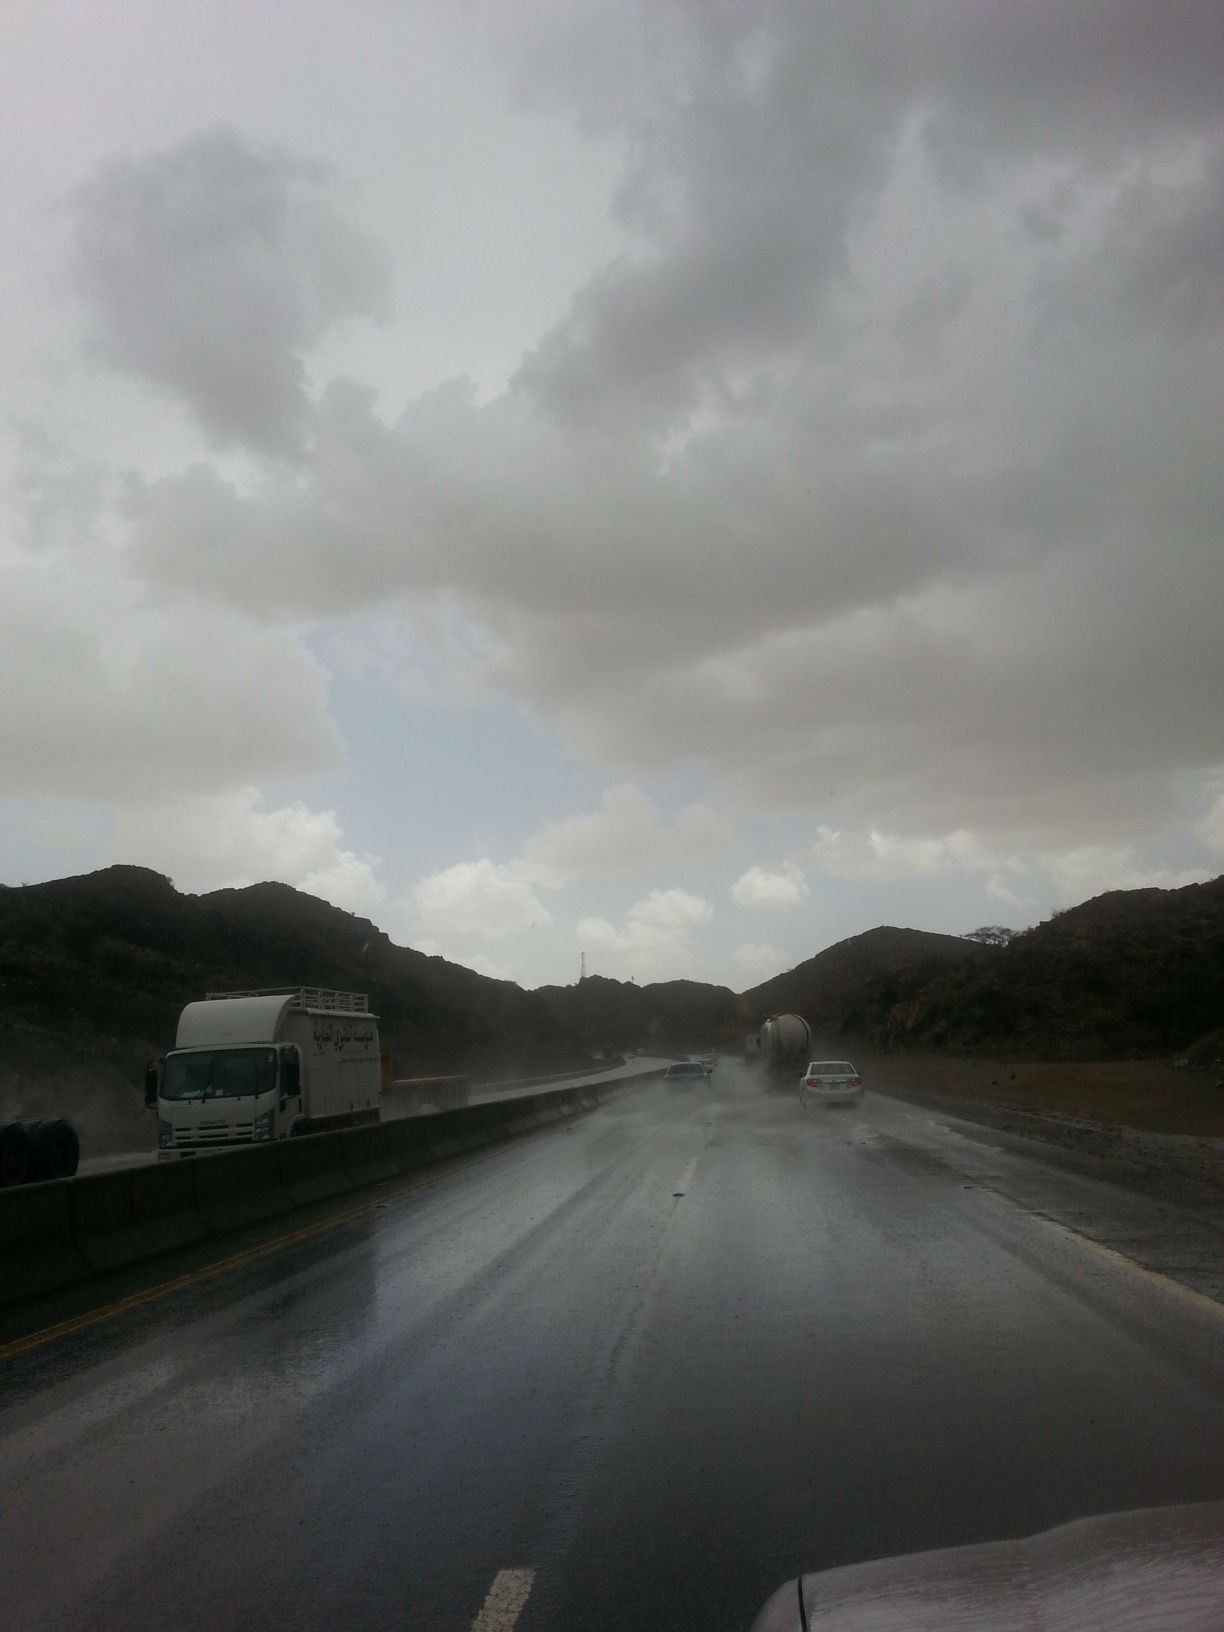 امطار الطائف الاحد 6-4-2014 , صور أمطار الطايف اليوم الاحد 6-6-1435